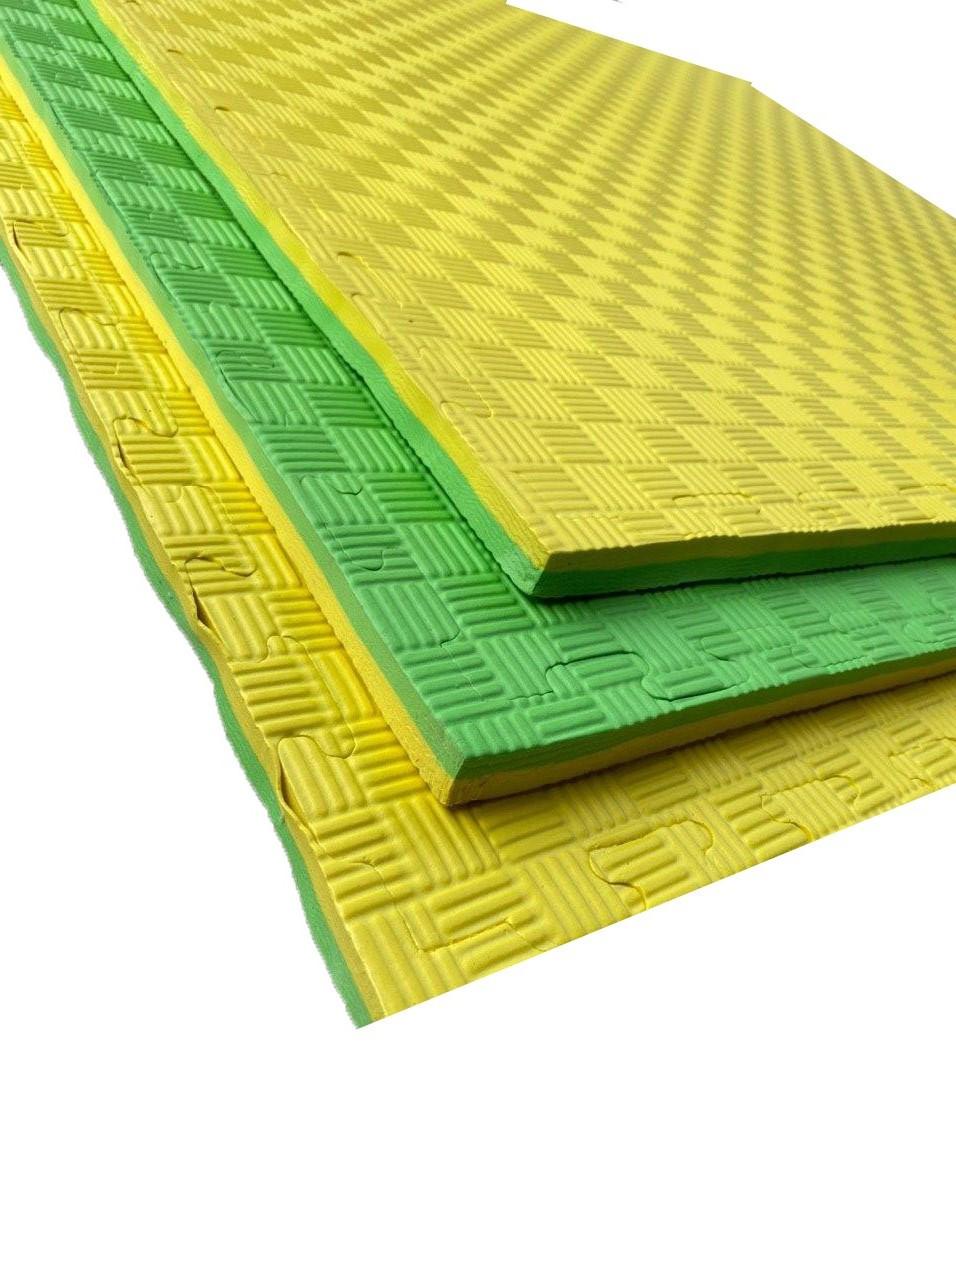 Мат татами ласточкин хвост 1000х1000х20мм EVA желто-зеленый